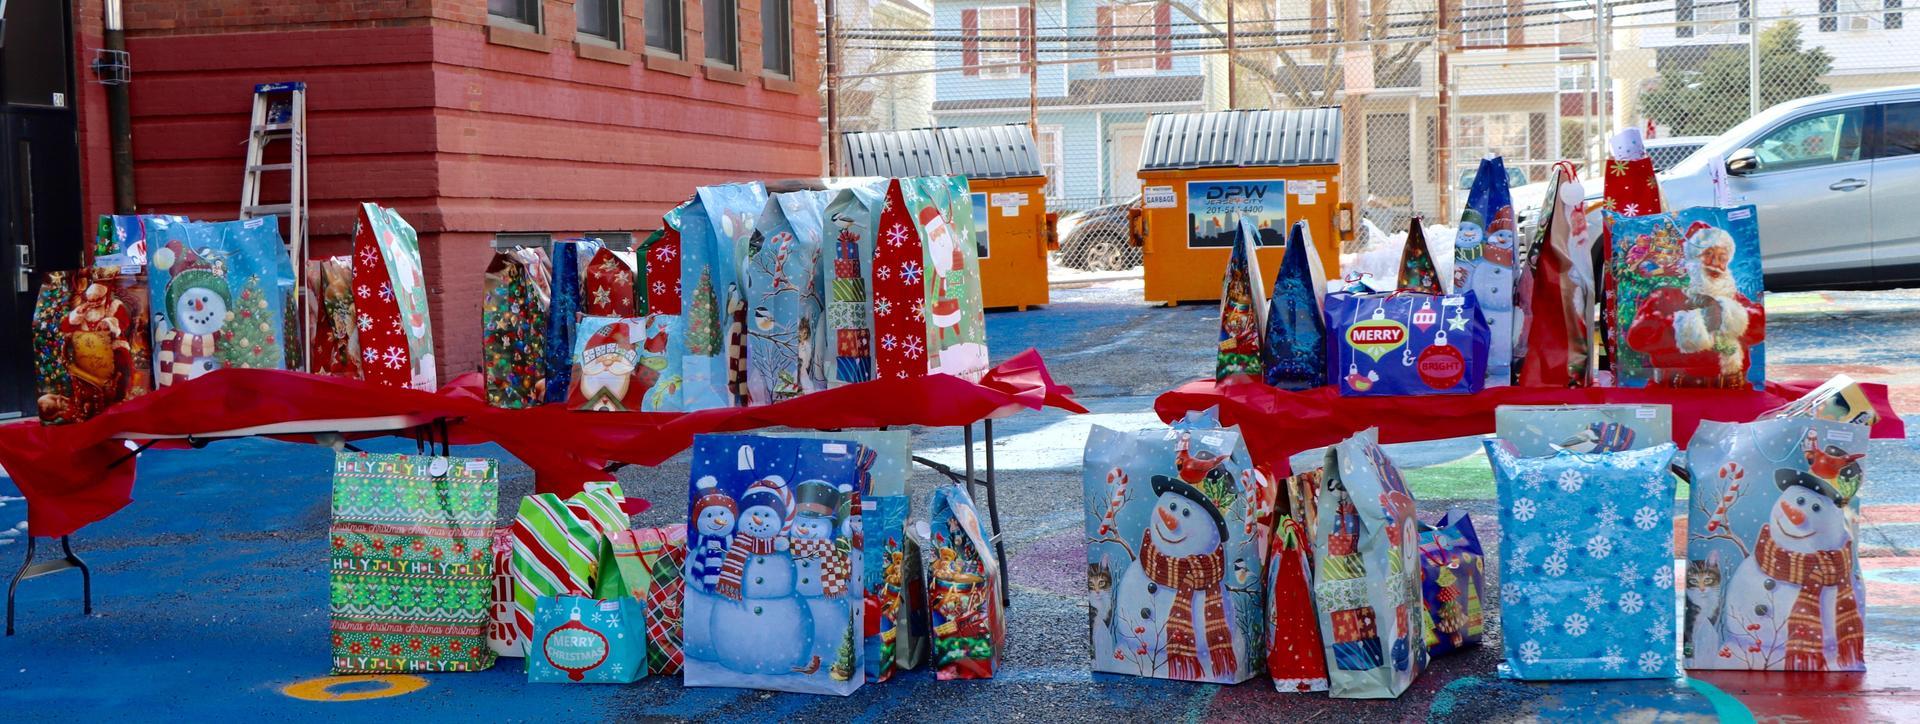 PS 29 Santa and Students